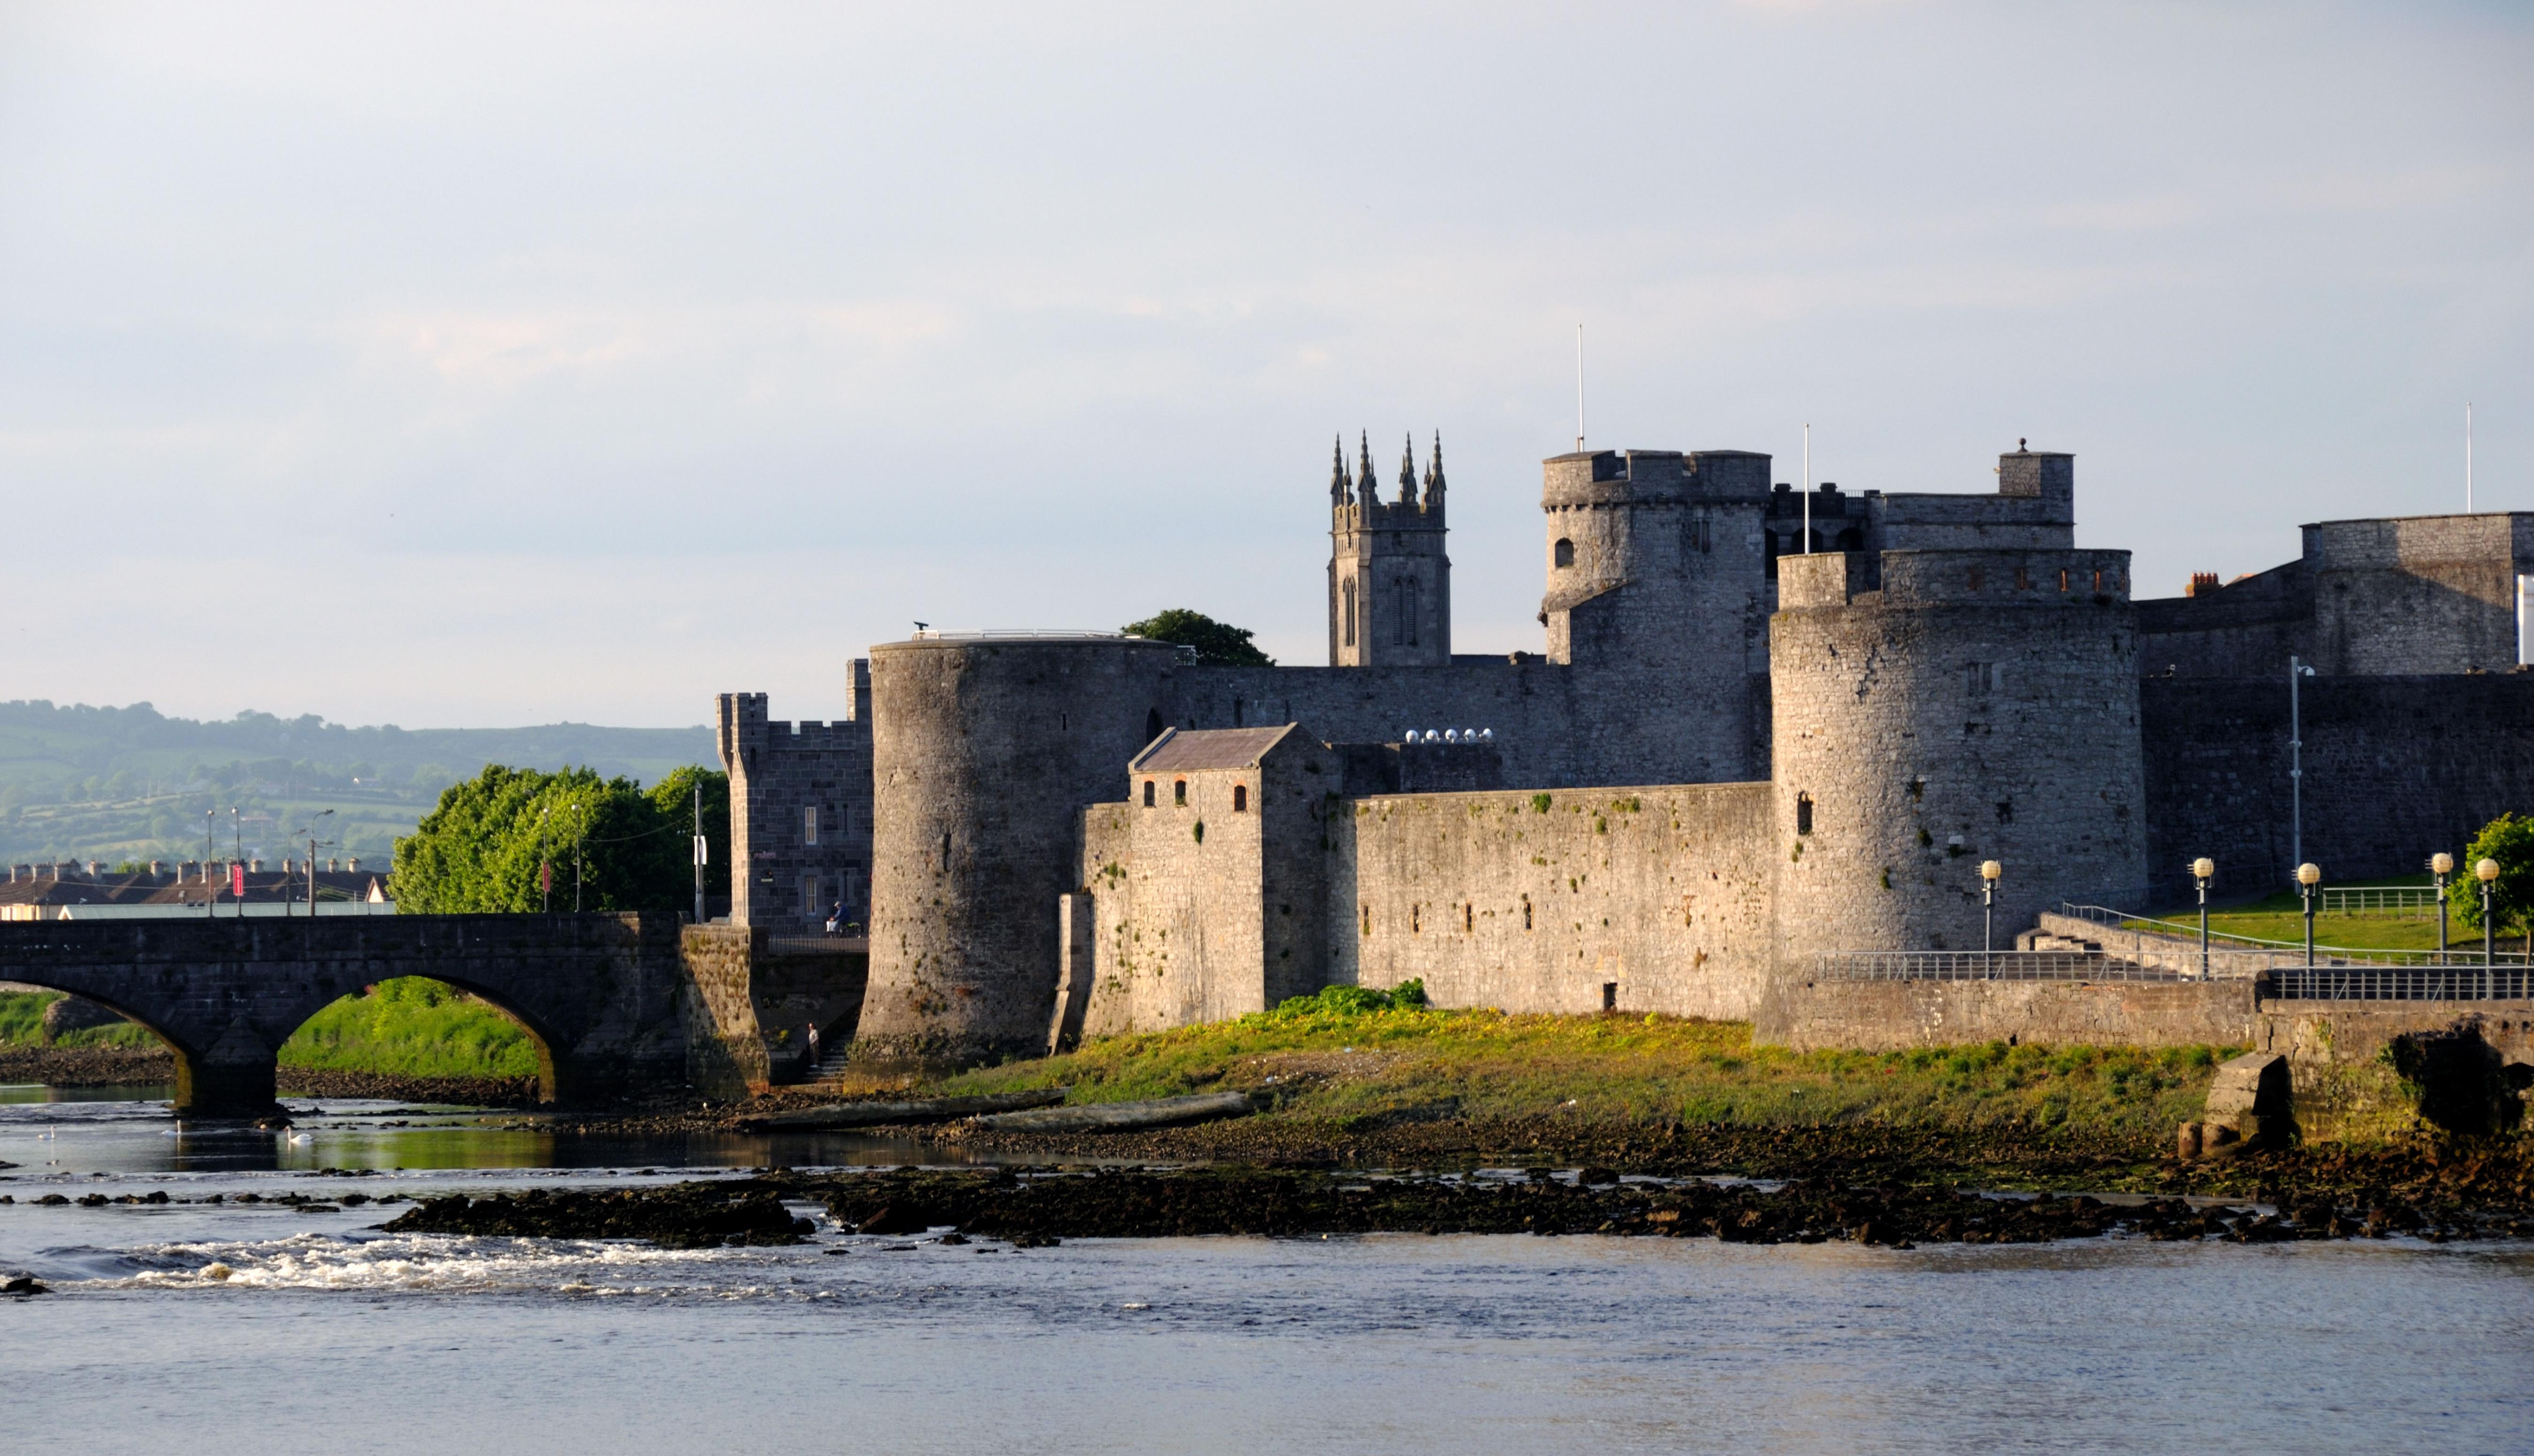 Castillo del Rey Juan, junto al río Shannon al atardecer. Limerick, Irlanda.